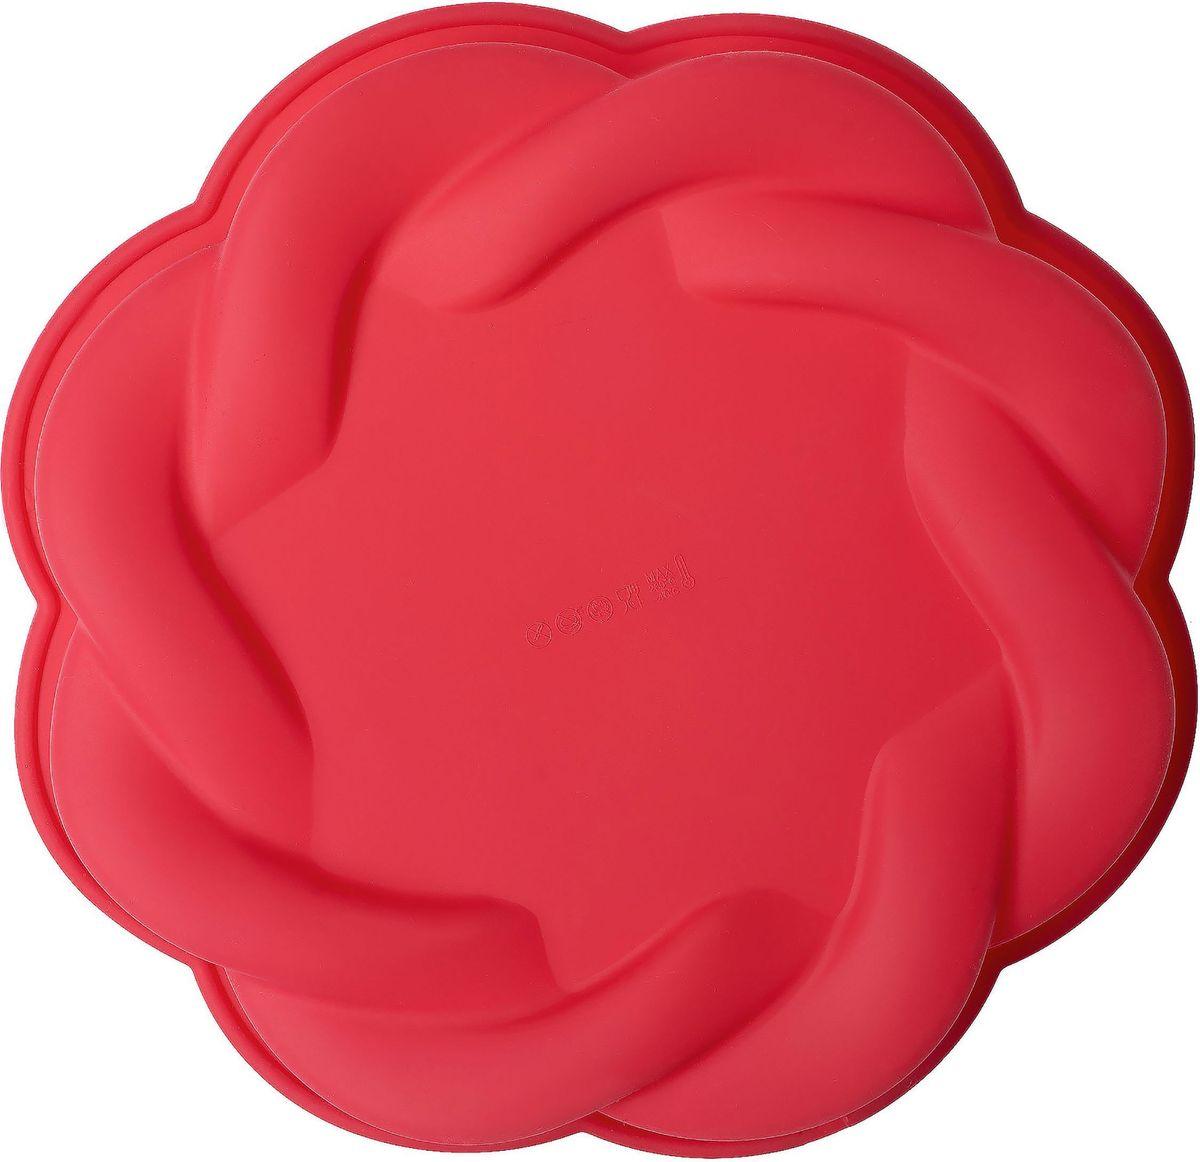 Форма для выпечки Walmer Tart, цвет: красныйW27284000Форма для выпечки Walmer Tart выполнена из силикона. В силиконовой форме тесто не пригорает, пропекается быстро и равномерно, а готовое изделие легко извлекать. Форма подходят для любых типов духовок, а также ее можно использовать для заморозки – она выдерживает температуру до -30°С. Форма для выпечки Walmer Tart изготавливается из качественного плотного силикона, который не плавится даже при сильном нагреве. Форма с классическим орнаментом - идеальна для любителей выпечки из песочного теста.Форма не требует смазывания маслом перед приготовлением (только перед первым использованием); Можно мыть в посудомоечной машине; Не ставить форму на электрическую конфорку и огонь;Нельзя использовать острые предметы при разрезании выпечки в форме;Не мыть форму с использованием абразивных материалов.